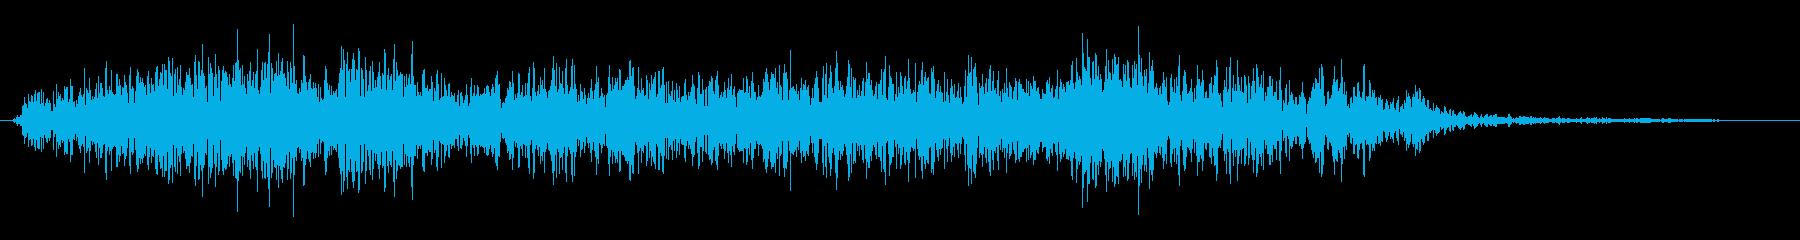 長期にわたる爆発の再生済みの波形